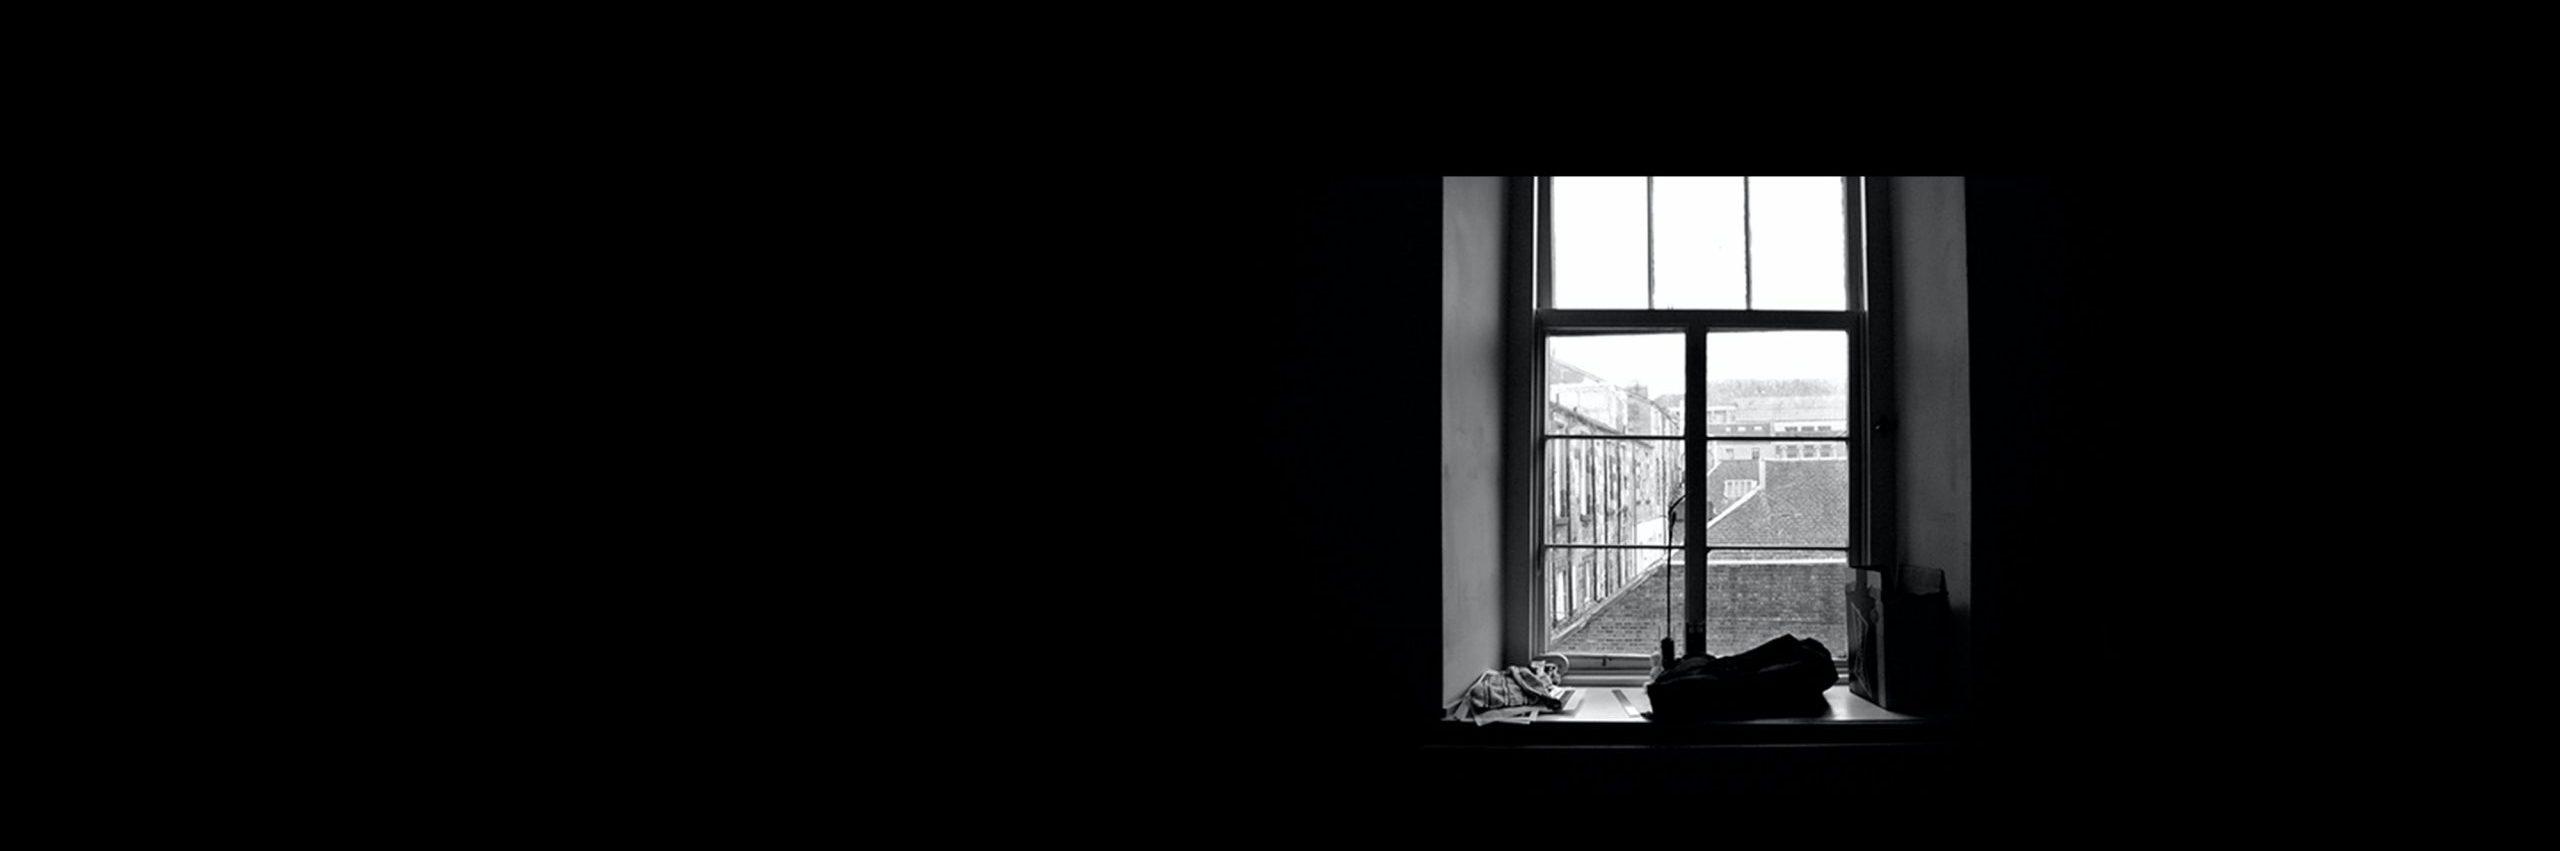 Solo es un relato escrito por Miguel Rodríguez Echeandía en relación a la soledad que sufren muchos artistas profesionales.